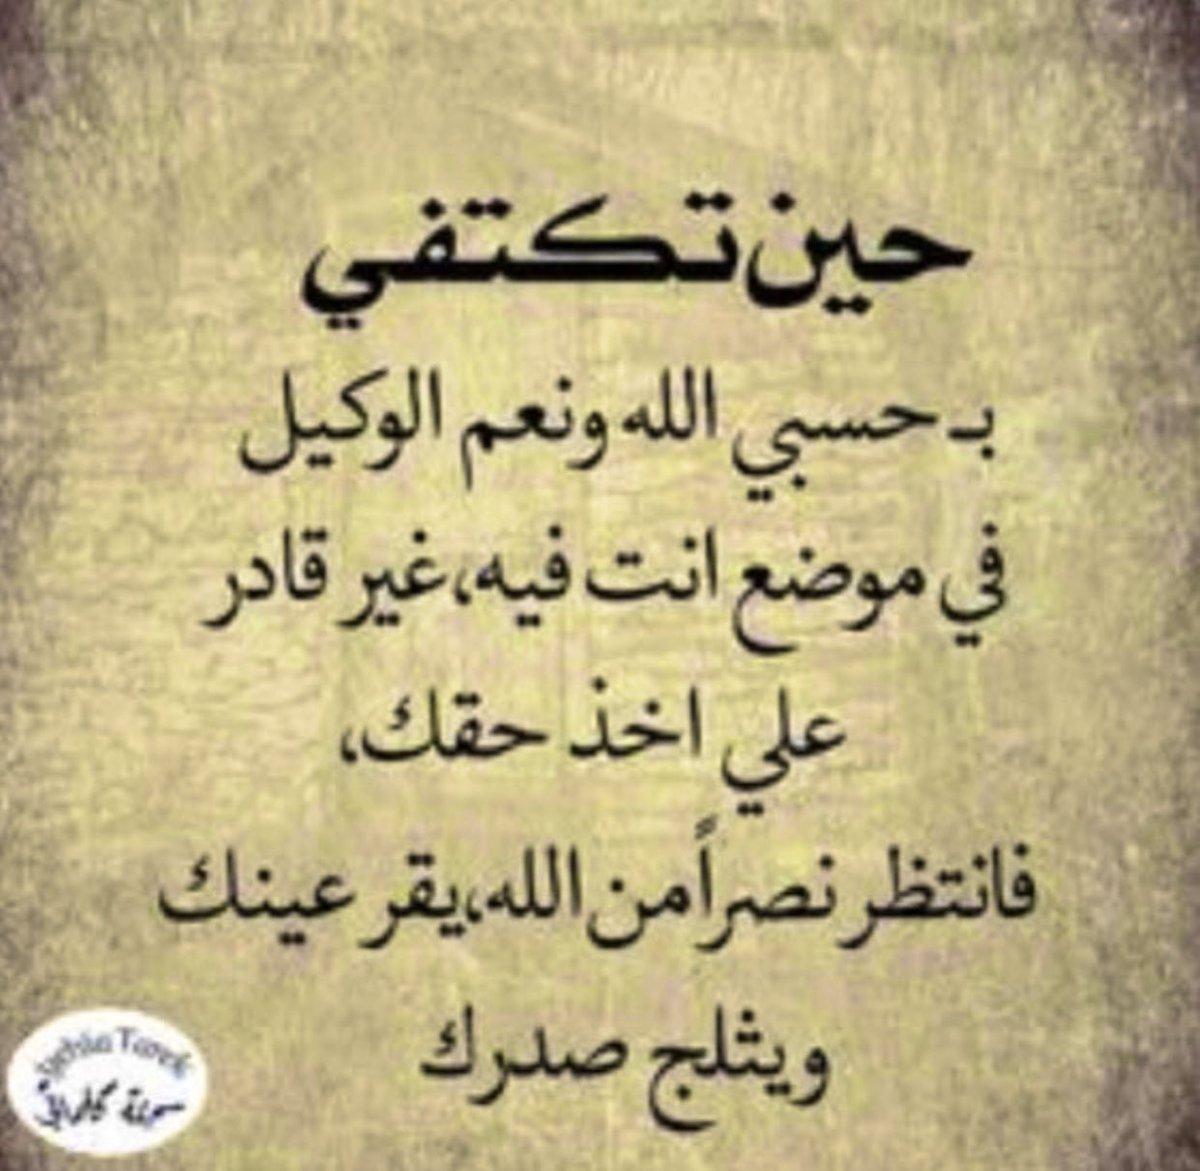 خواطر فيصل Fofo3444 Twitter